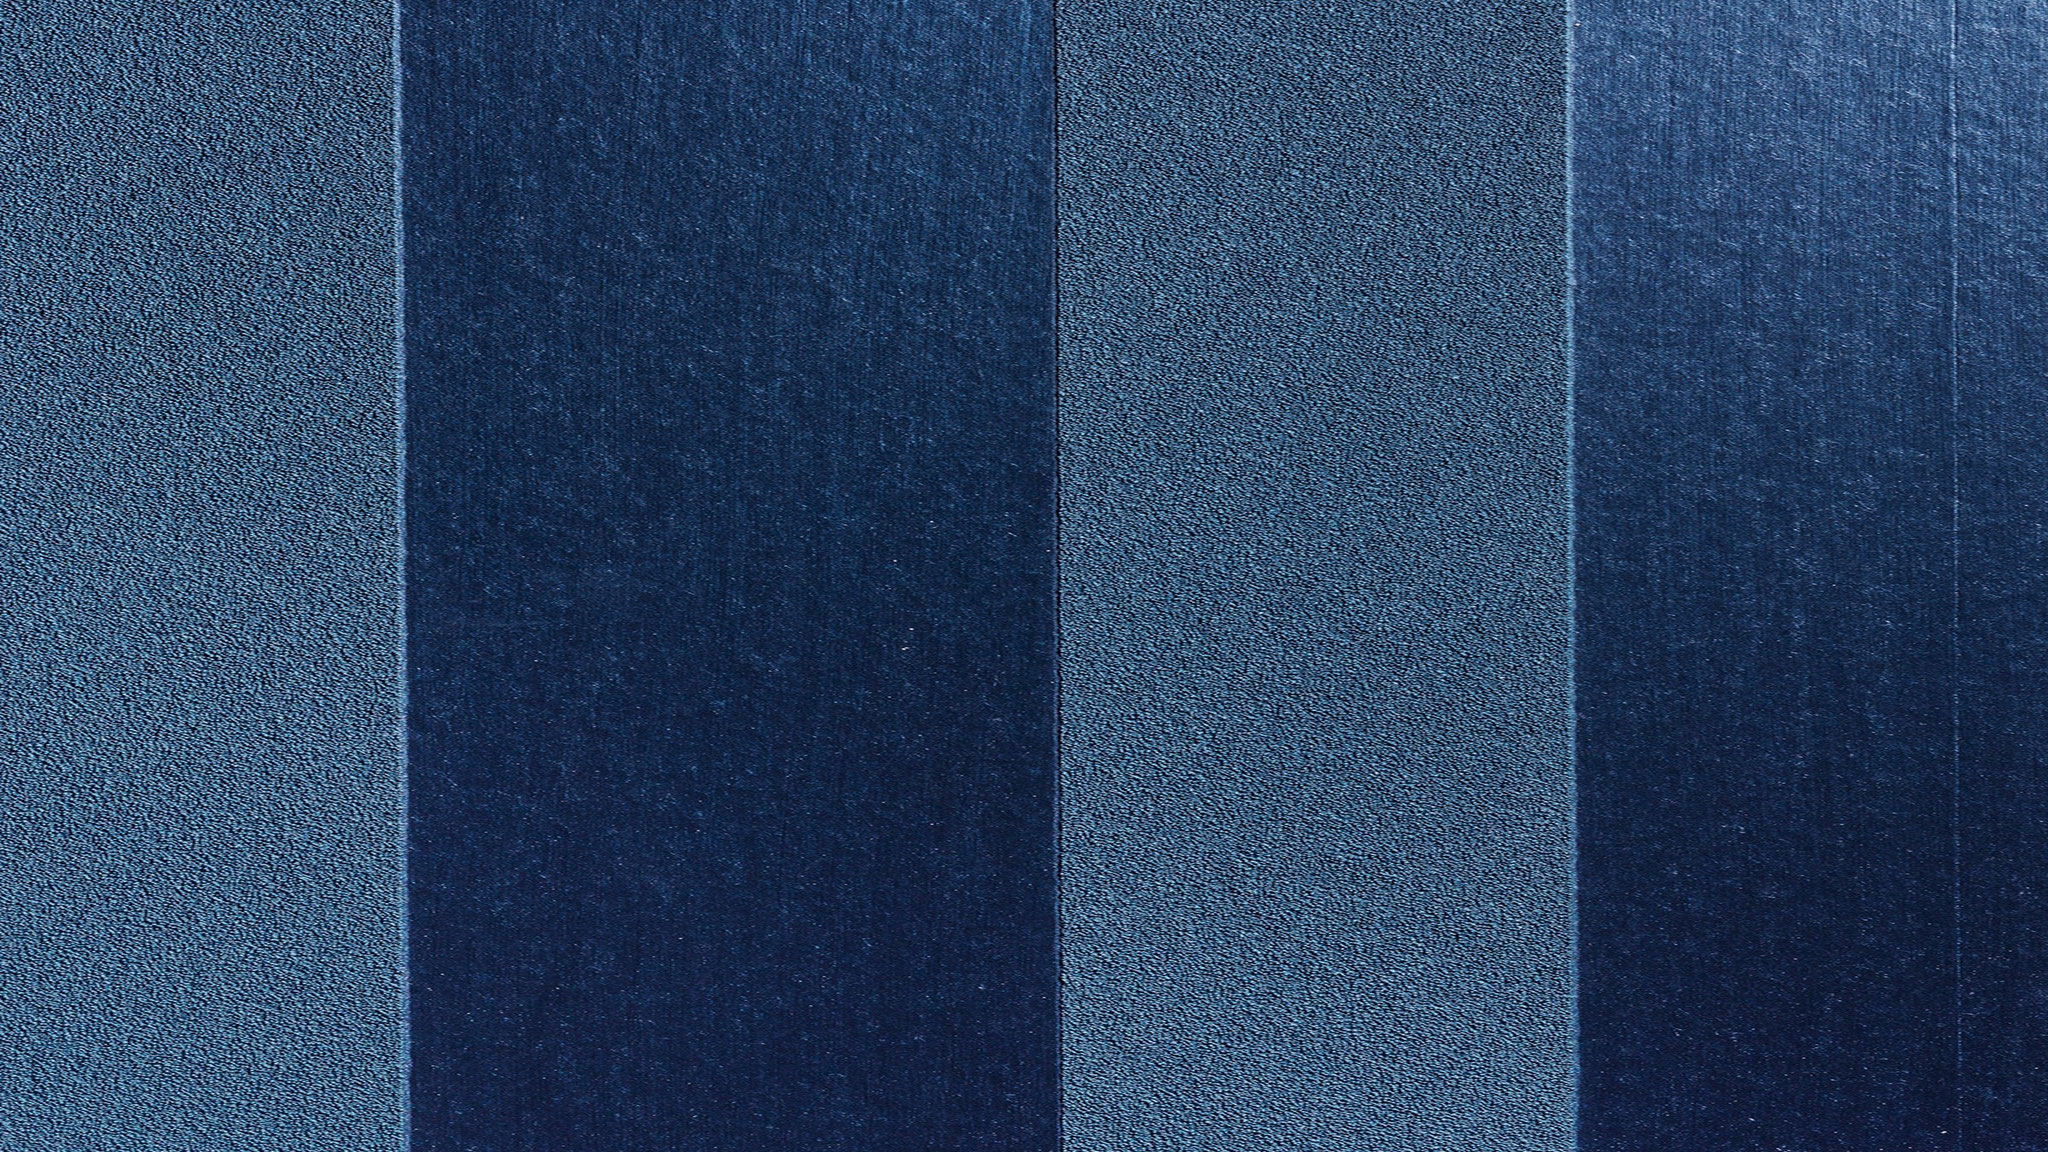 Ribbons - Metallicfarben verleihen der Oberfläche moderne Eleganz. Farbton: 35821M